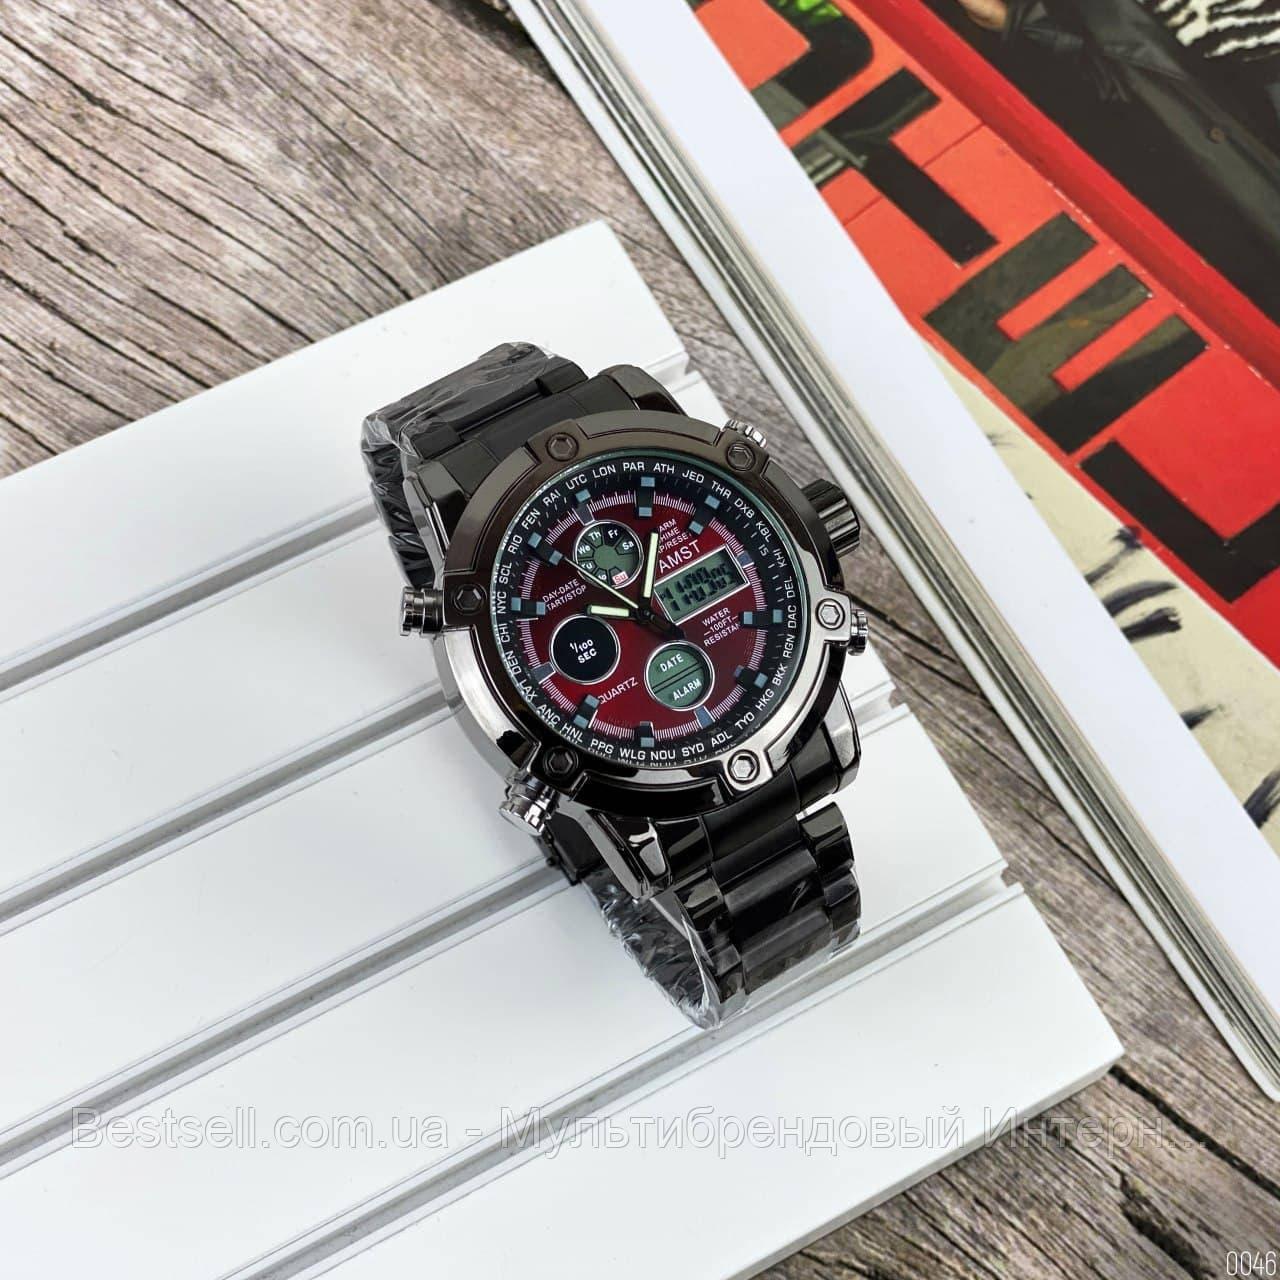 Оригінальні наручні чоловічі годинники AMST 3022 Metall Black-Red